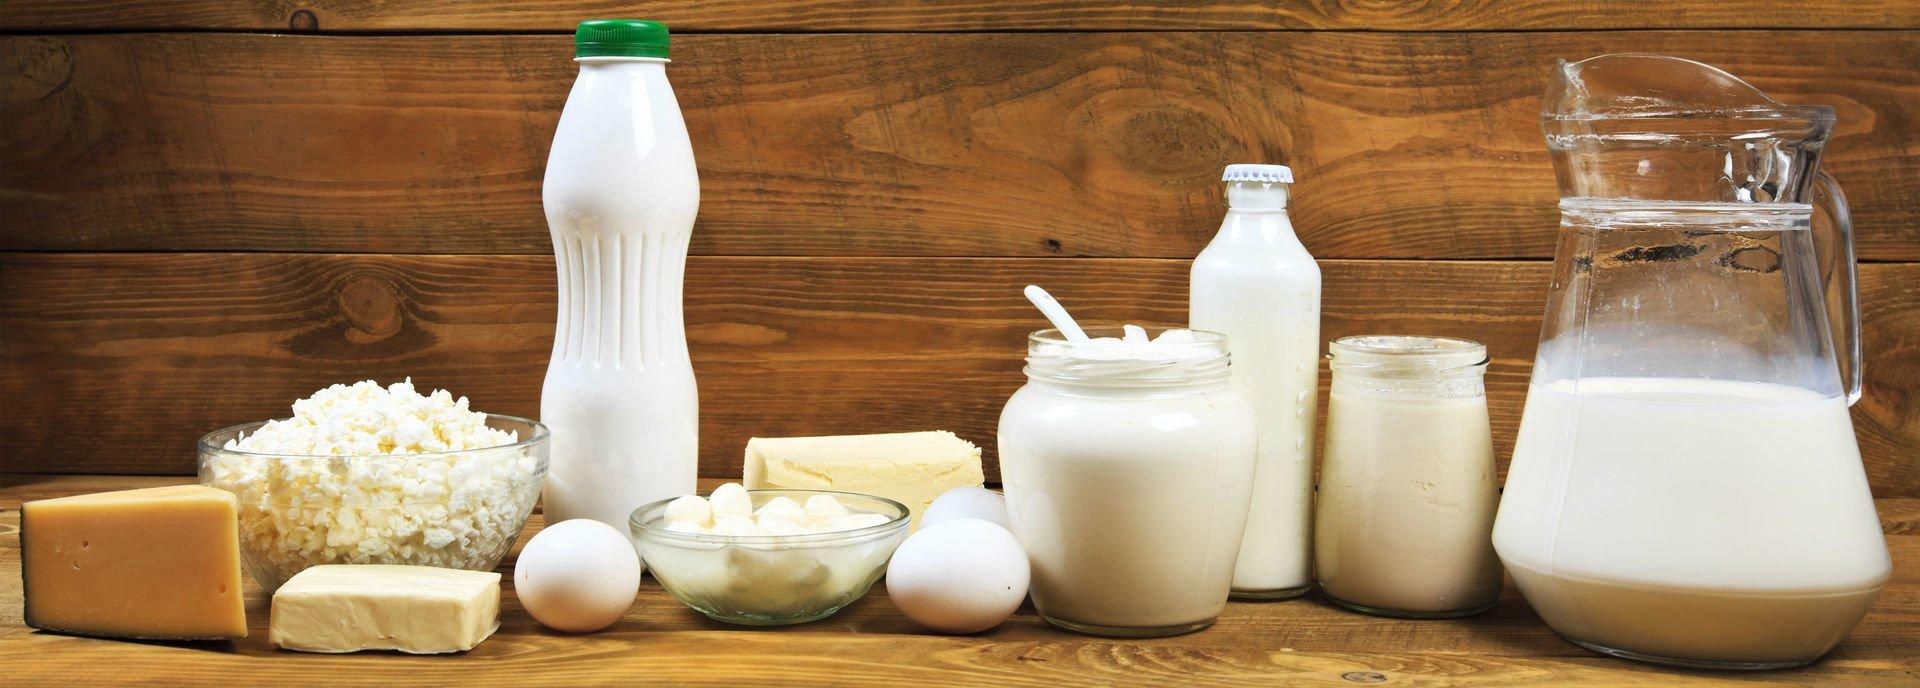 можно ли козье молоко при аллергии